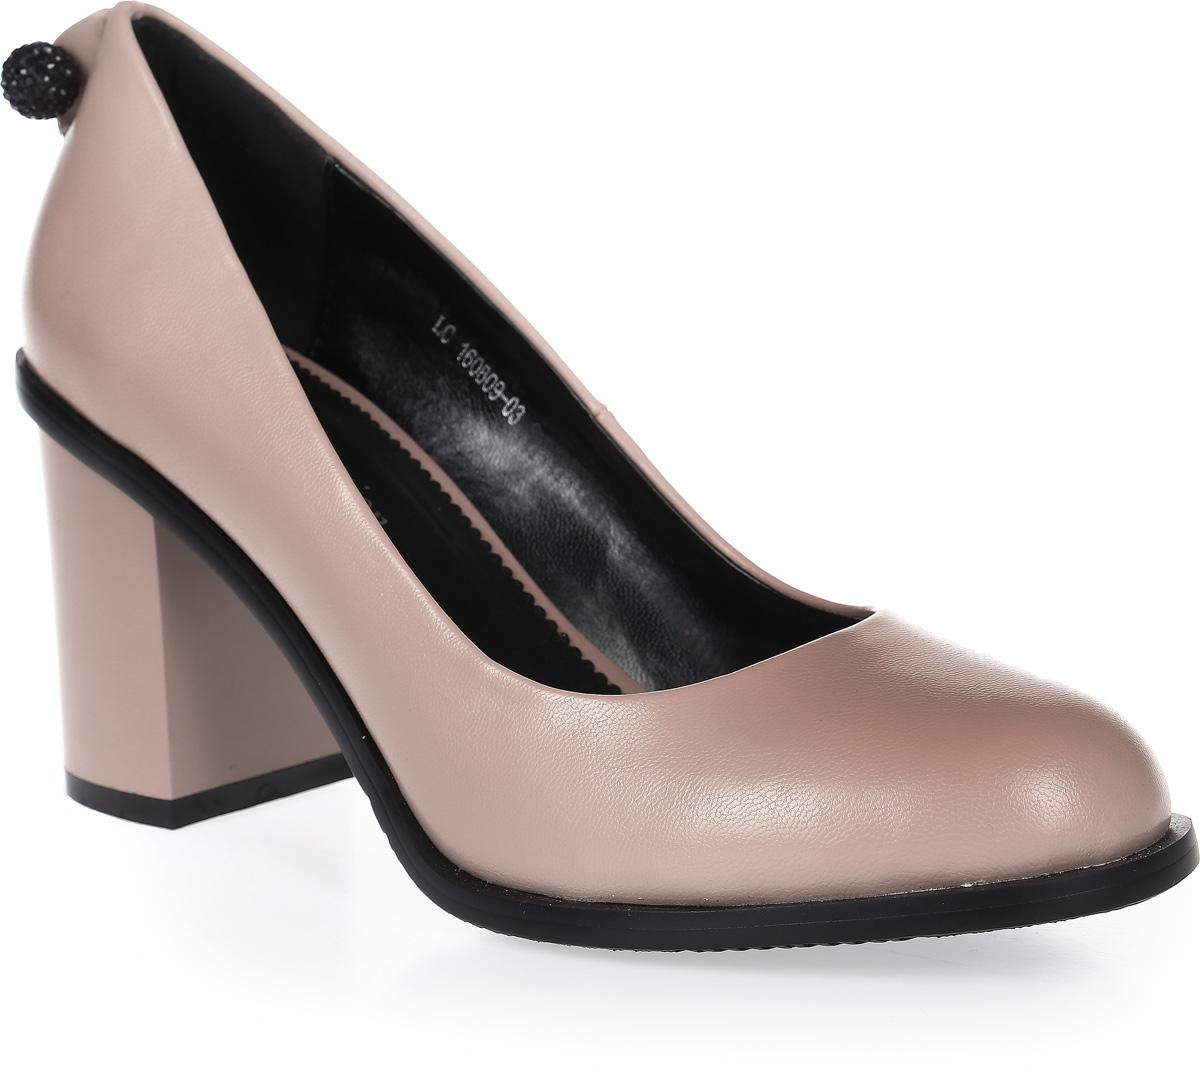 ТуфлиLC-160809-01 PUСтильные туфли на широком устойчивом каблуке выполнены из искусственной кожи. Стелька выполнена из натуральной кожи.